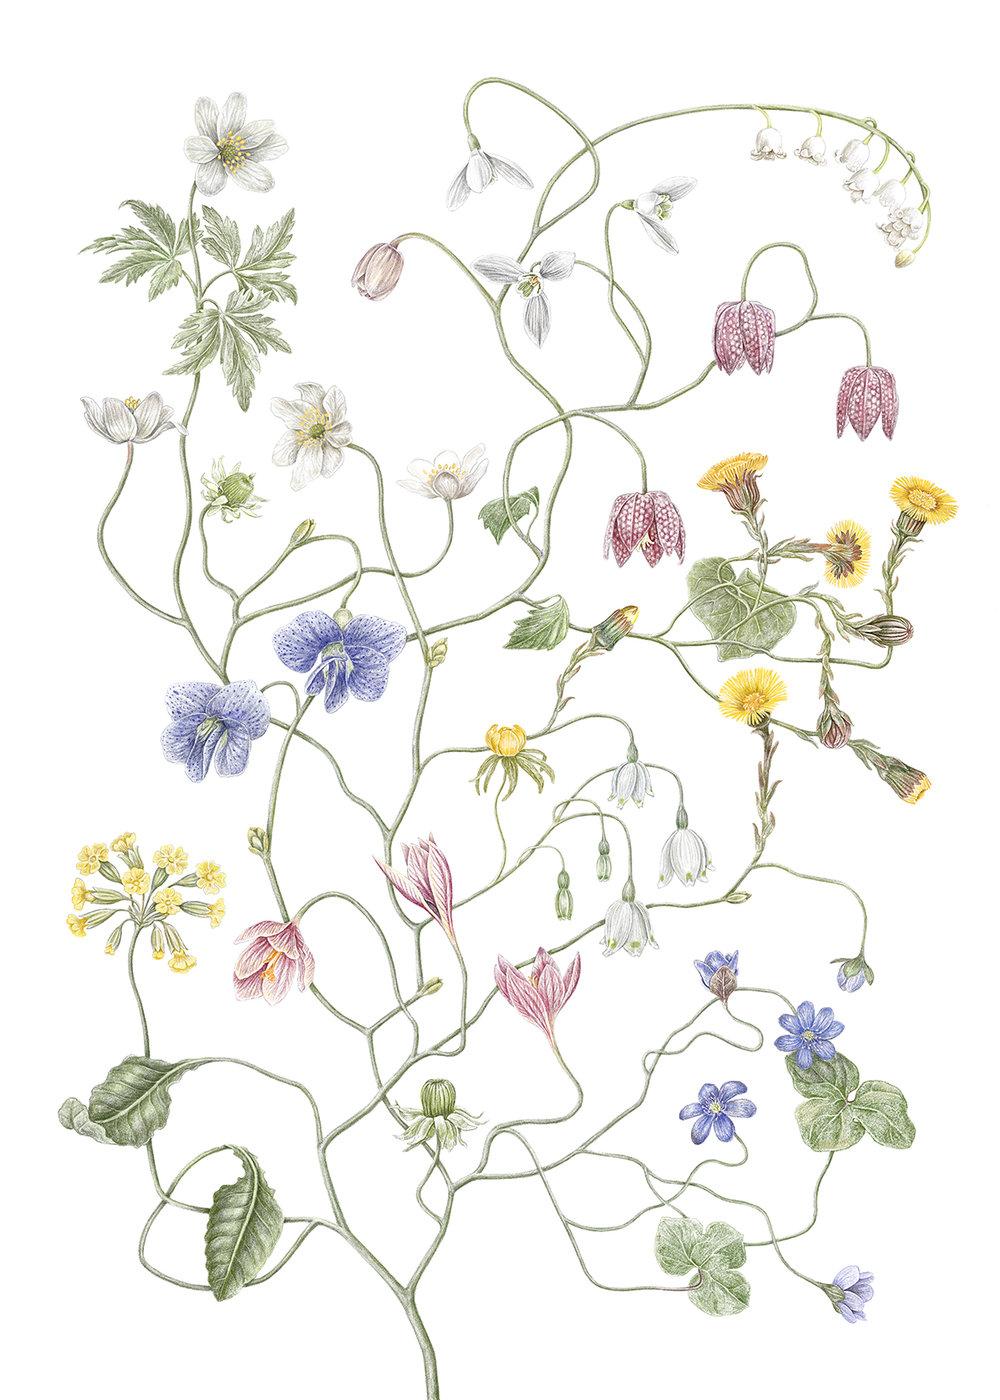 Le illustrazioni botaniche di Jonna Fransson